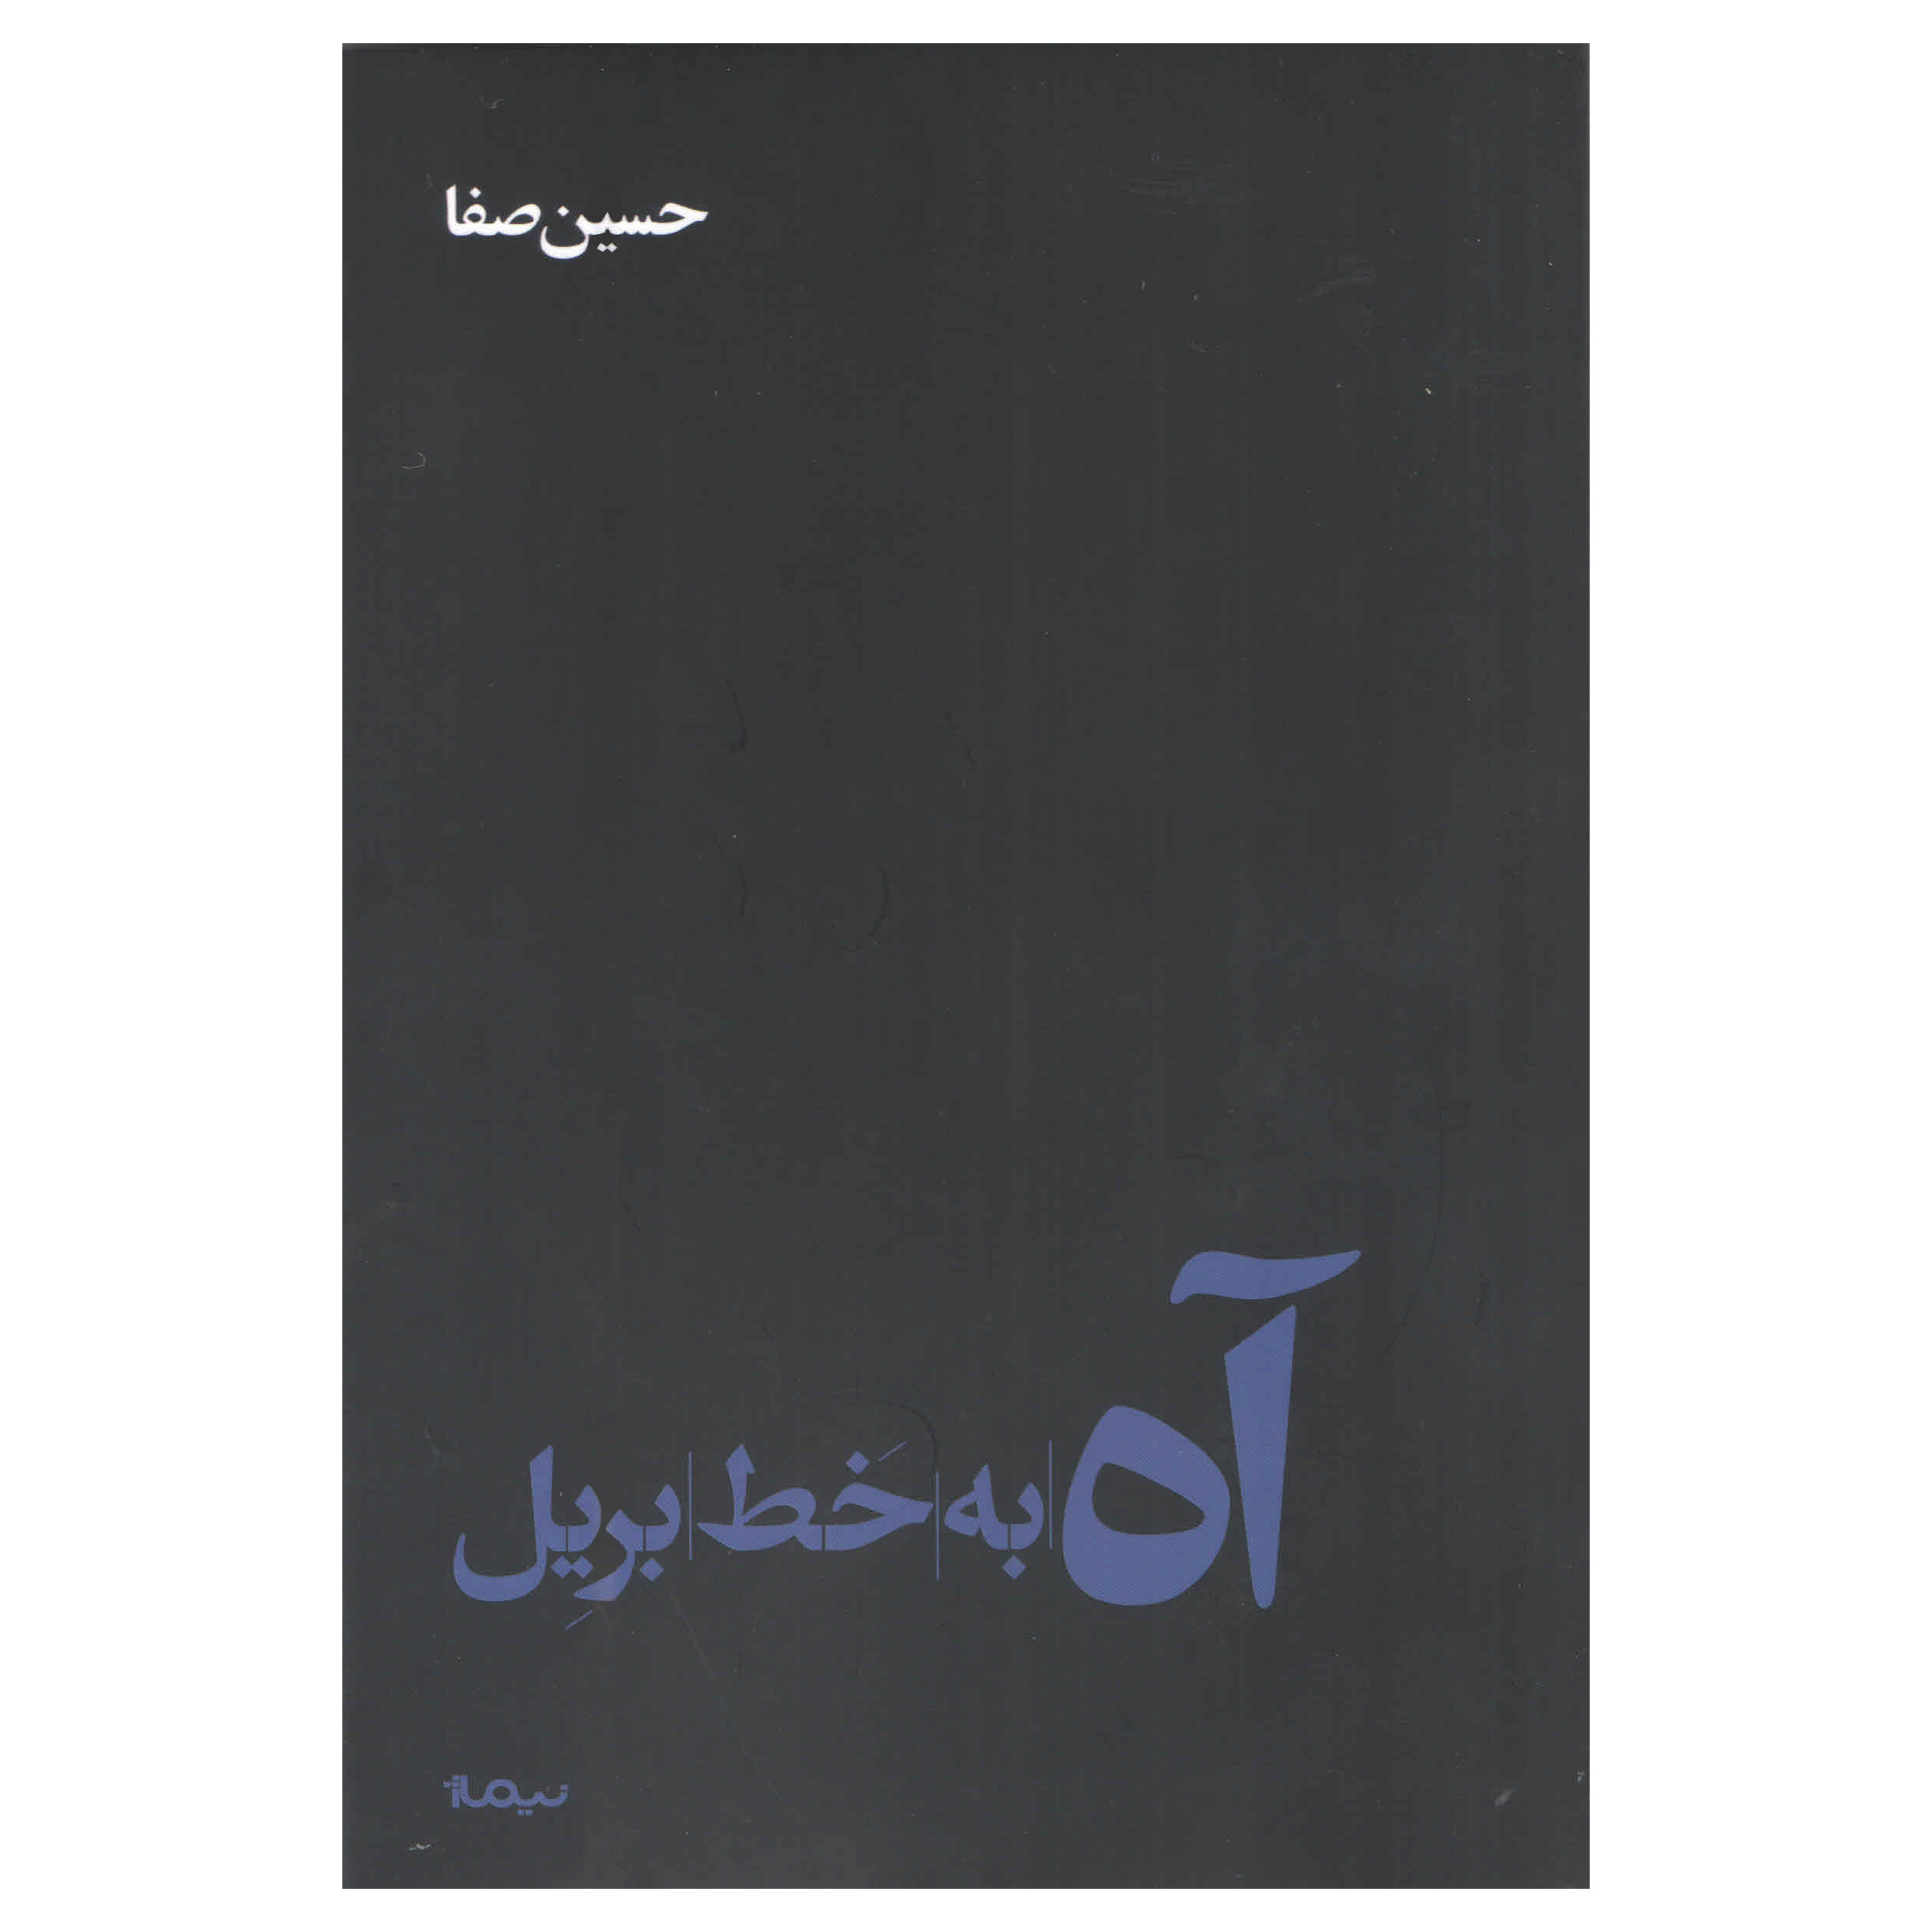 کتاب آه به خط بریل اثر حسین صفا نشر نیماژ